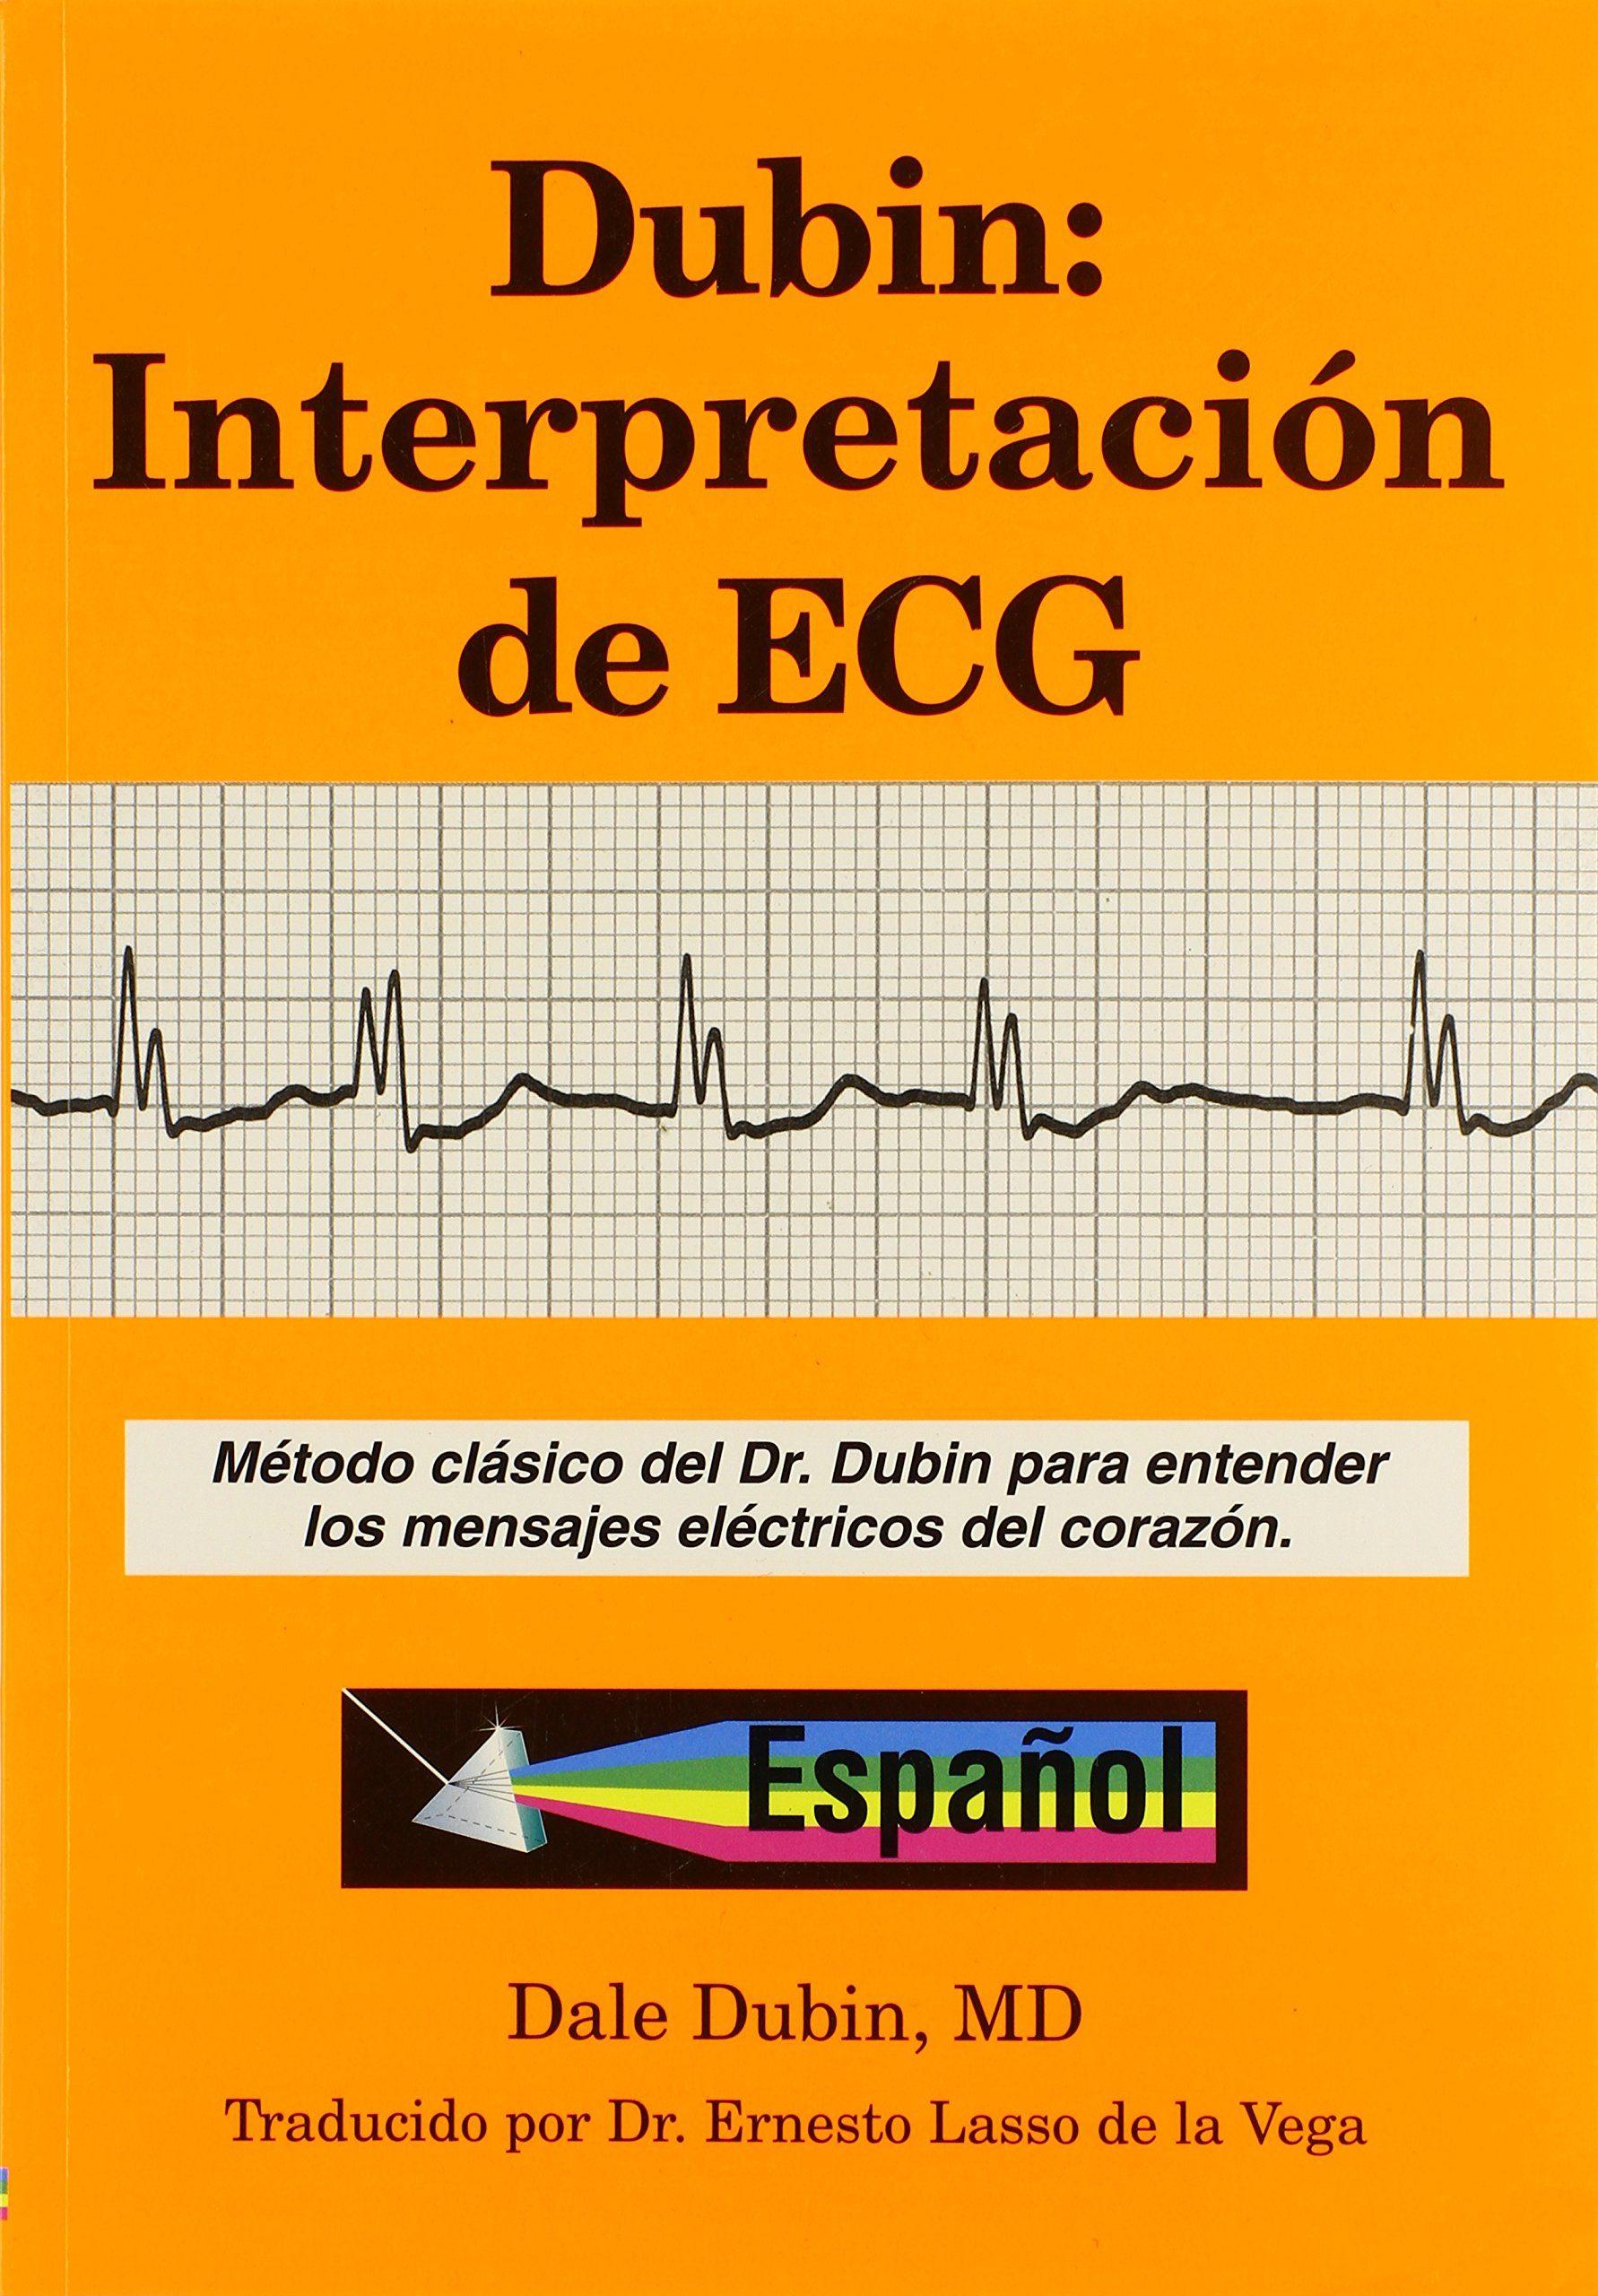 electrocardiograma dubin pdf libro